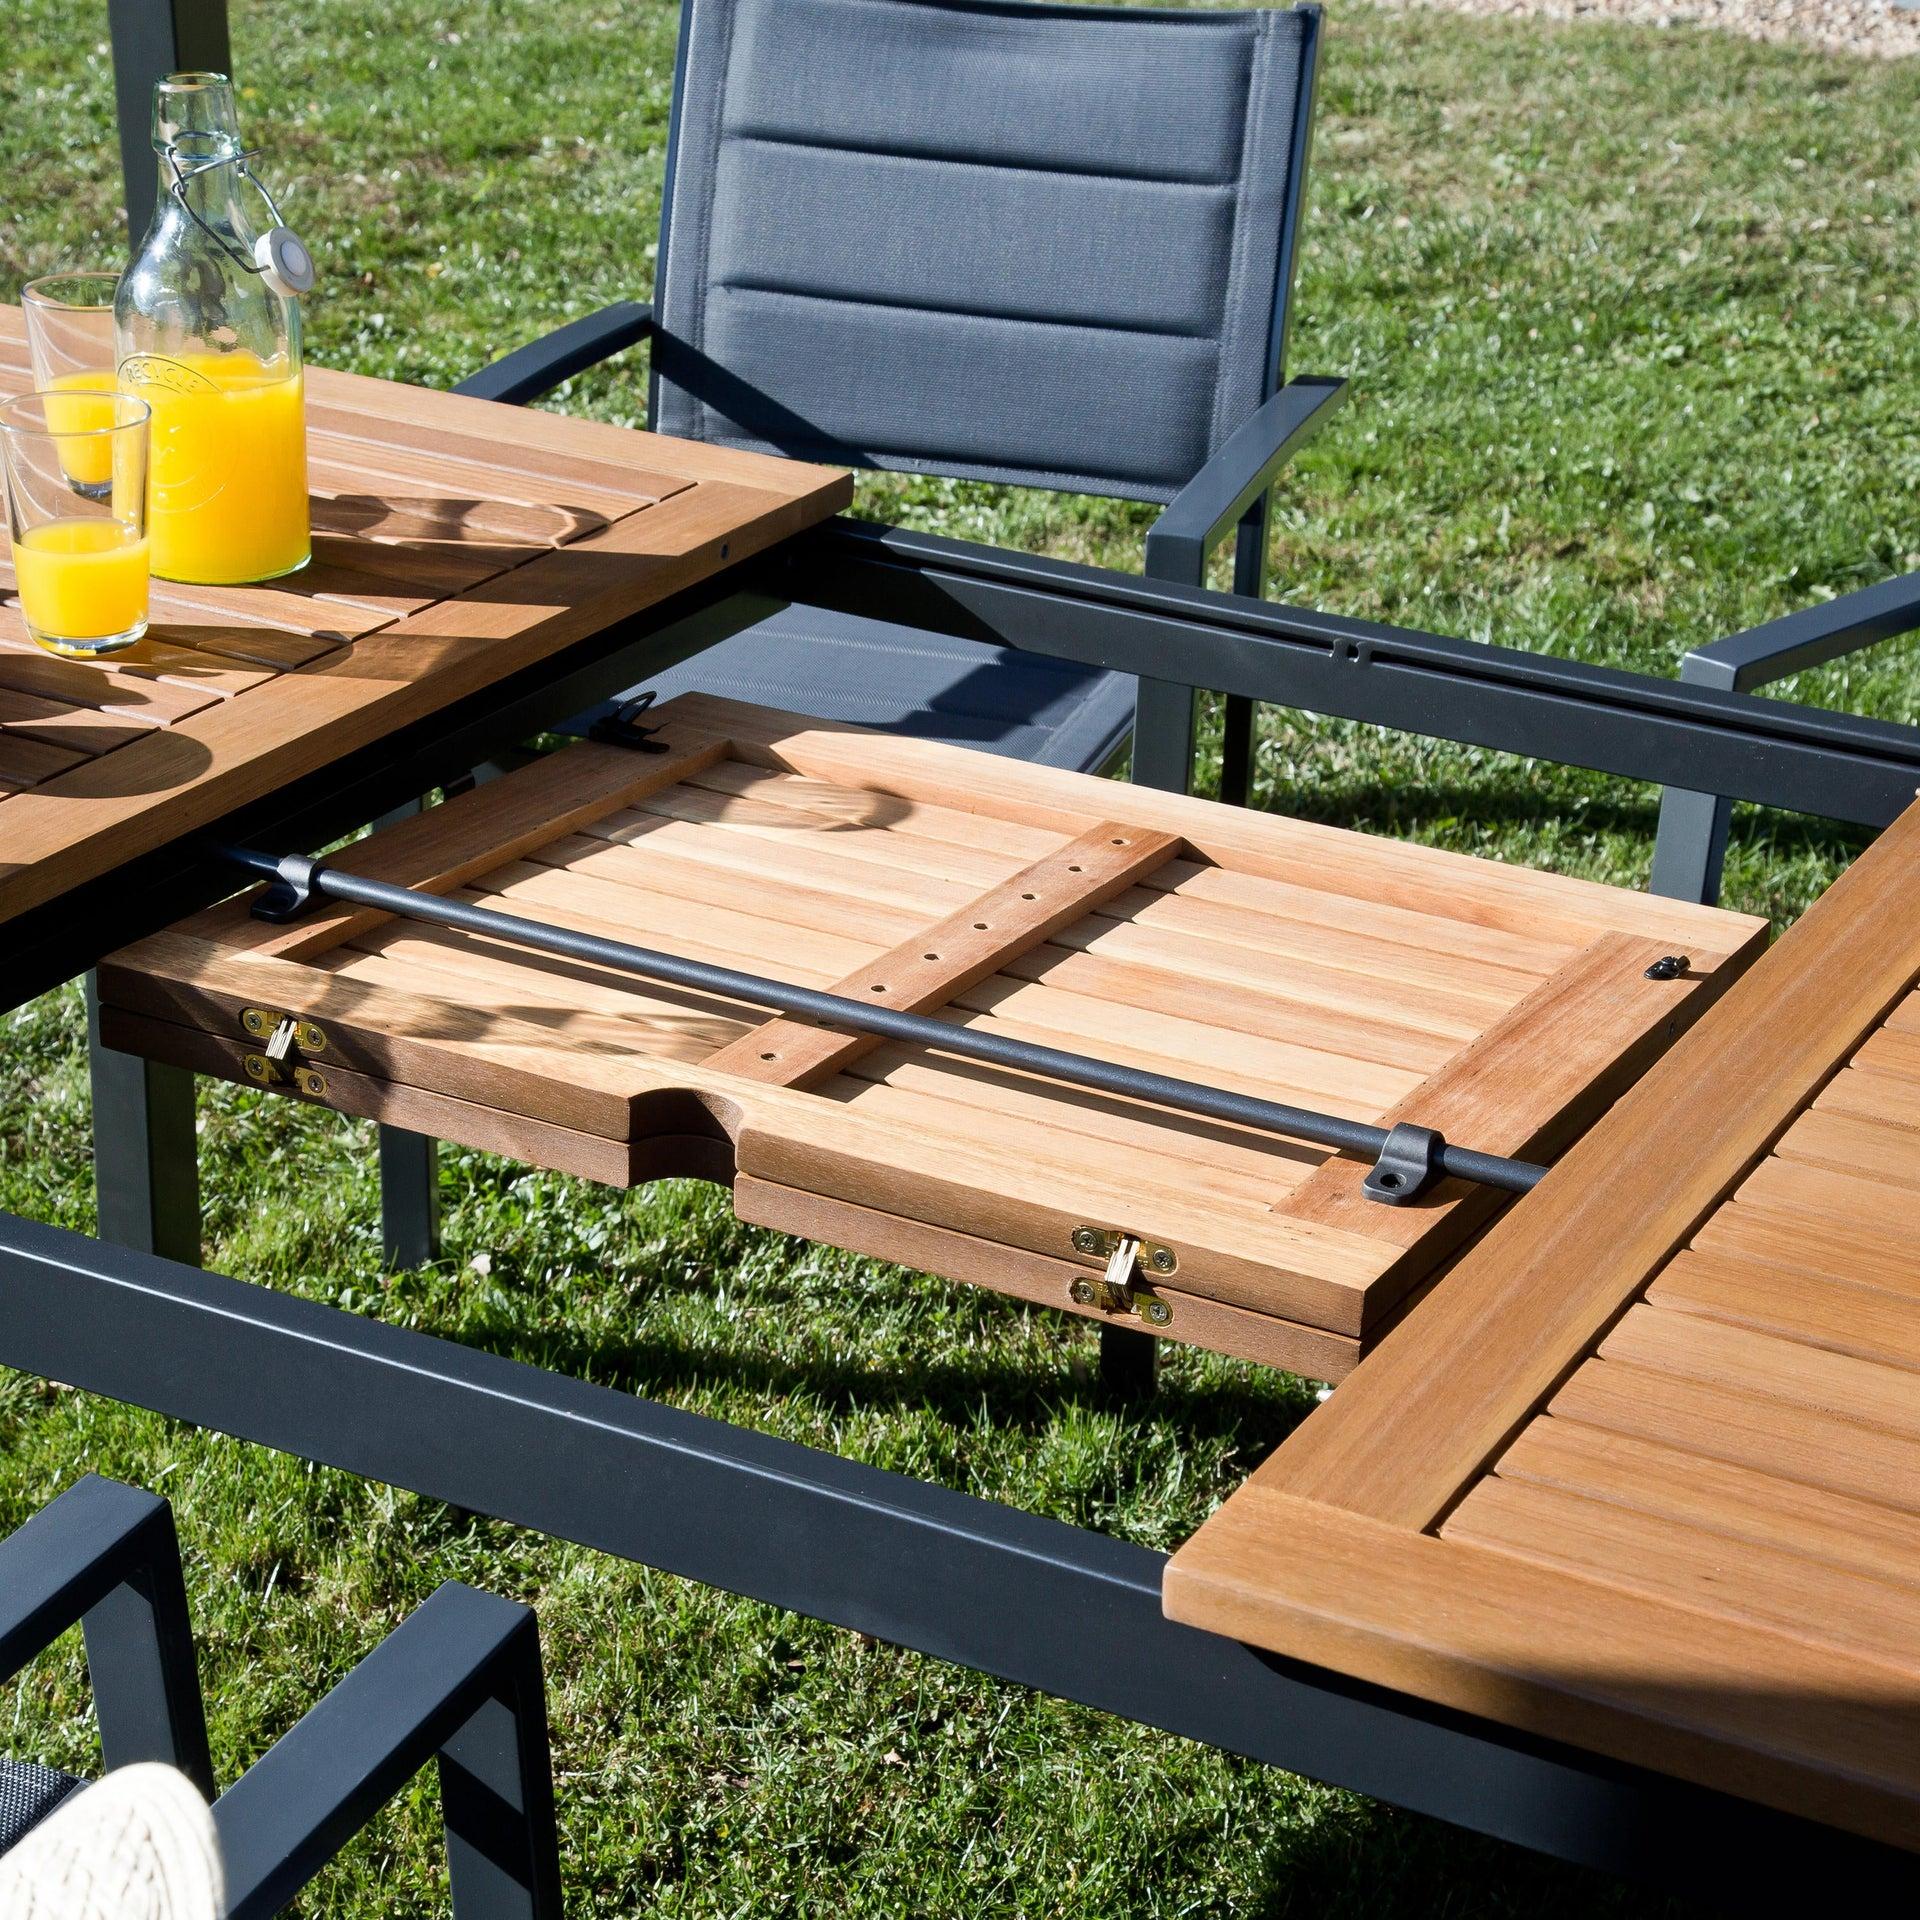 Tavolo da giardino allungabile rettangolare Oris NATERIAL con piano in legno L 180/240 x P 98.9 cm - 12